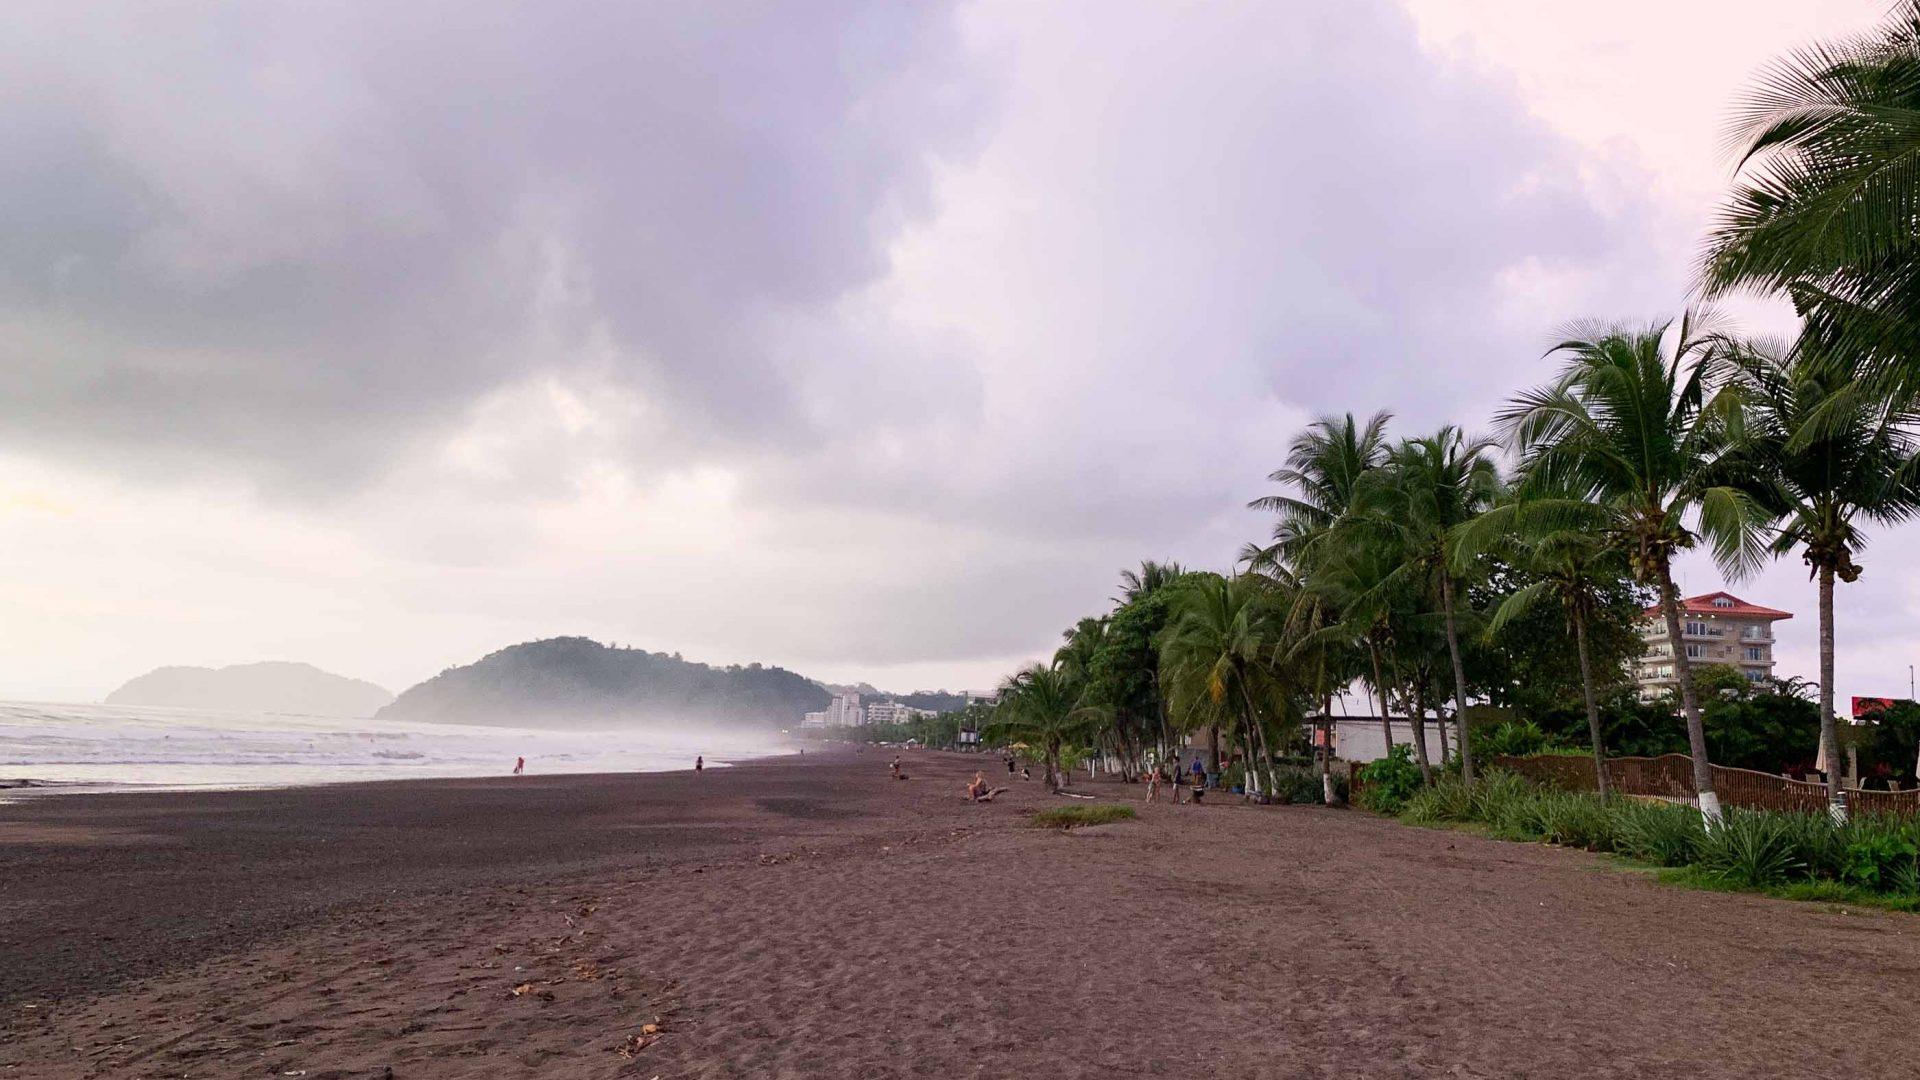 Solo travel: Jaco Beach, Costa Rica.